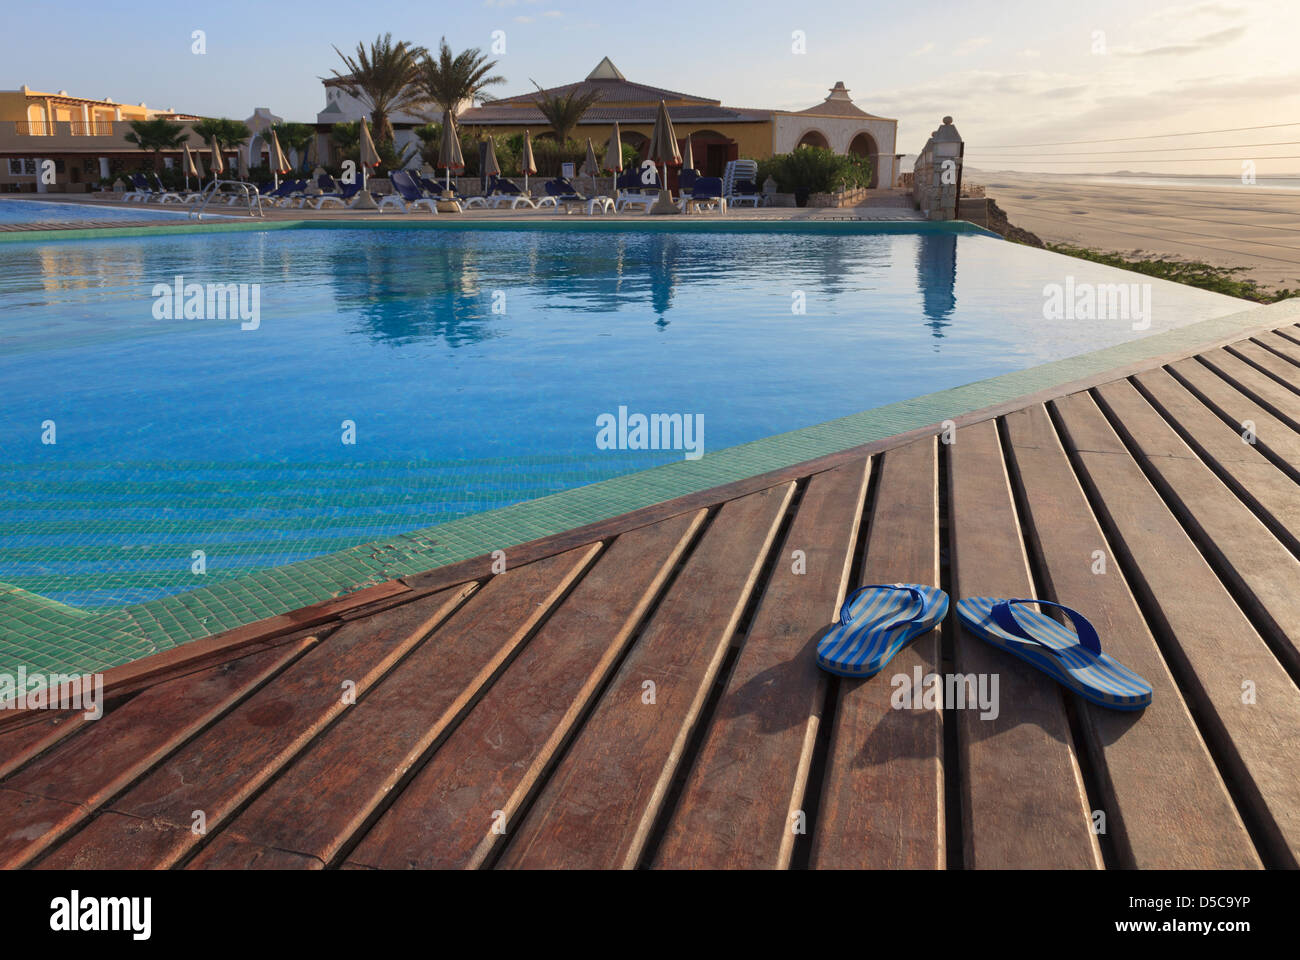 Coppia di flip-flop su sun decking da svuotare la piscina a sfioro in Luxury holiday resort hotel sull'isola Immagini Stock